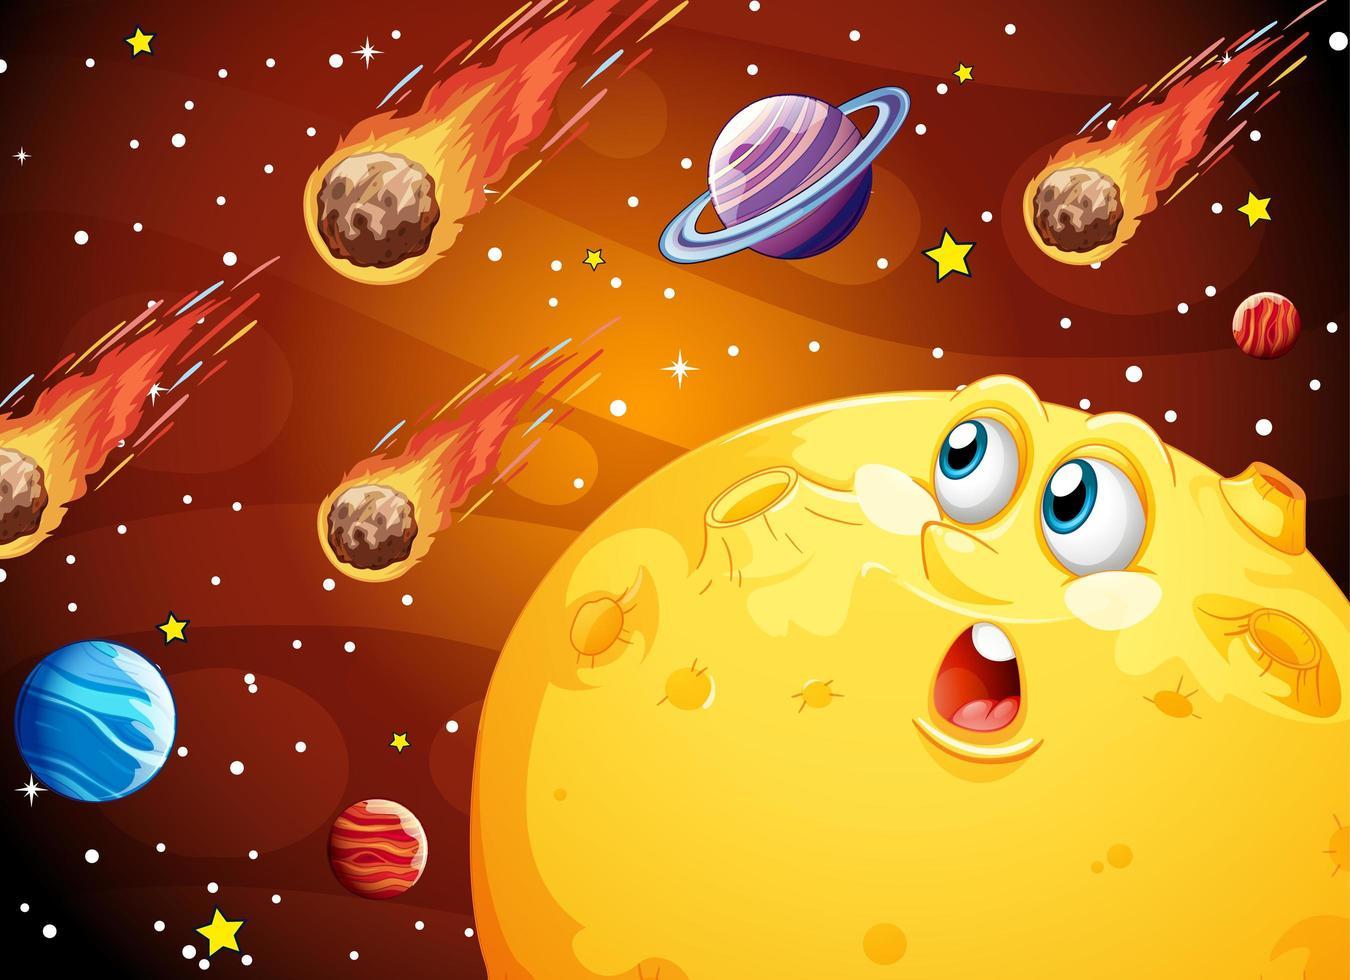 lua com rosto feliz na galáxia espacial vetor